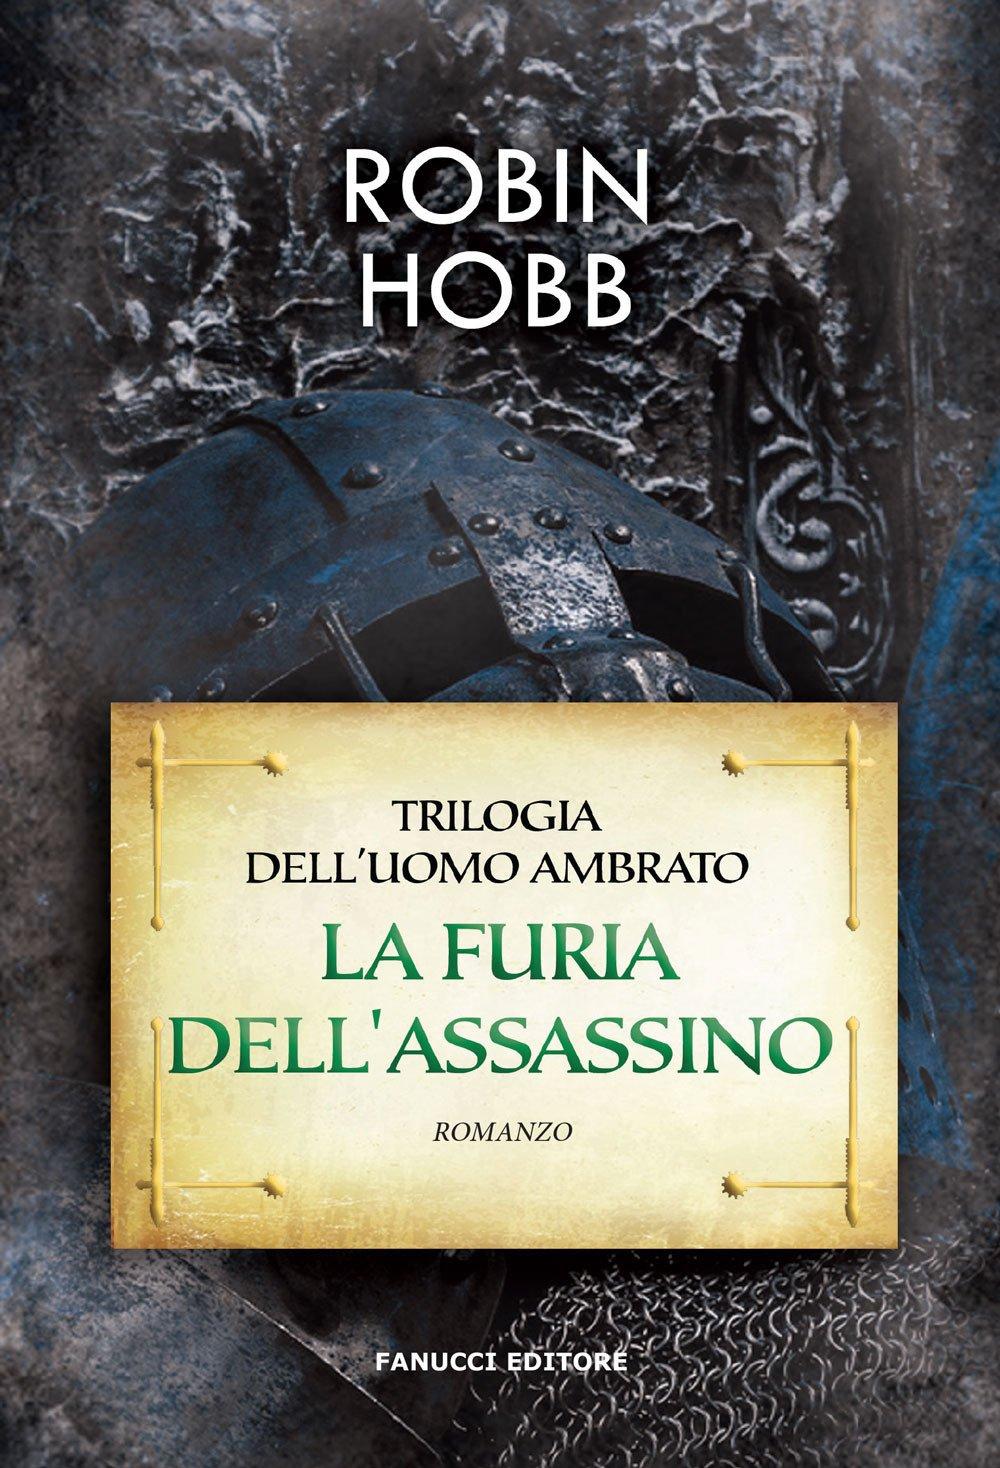 La furia dell'assassino. Trilogia dell'uomo ambrato. Vol. 2